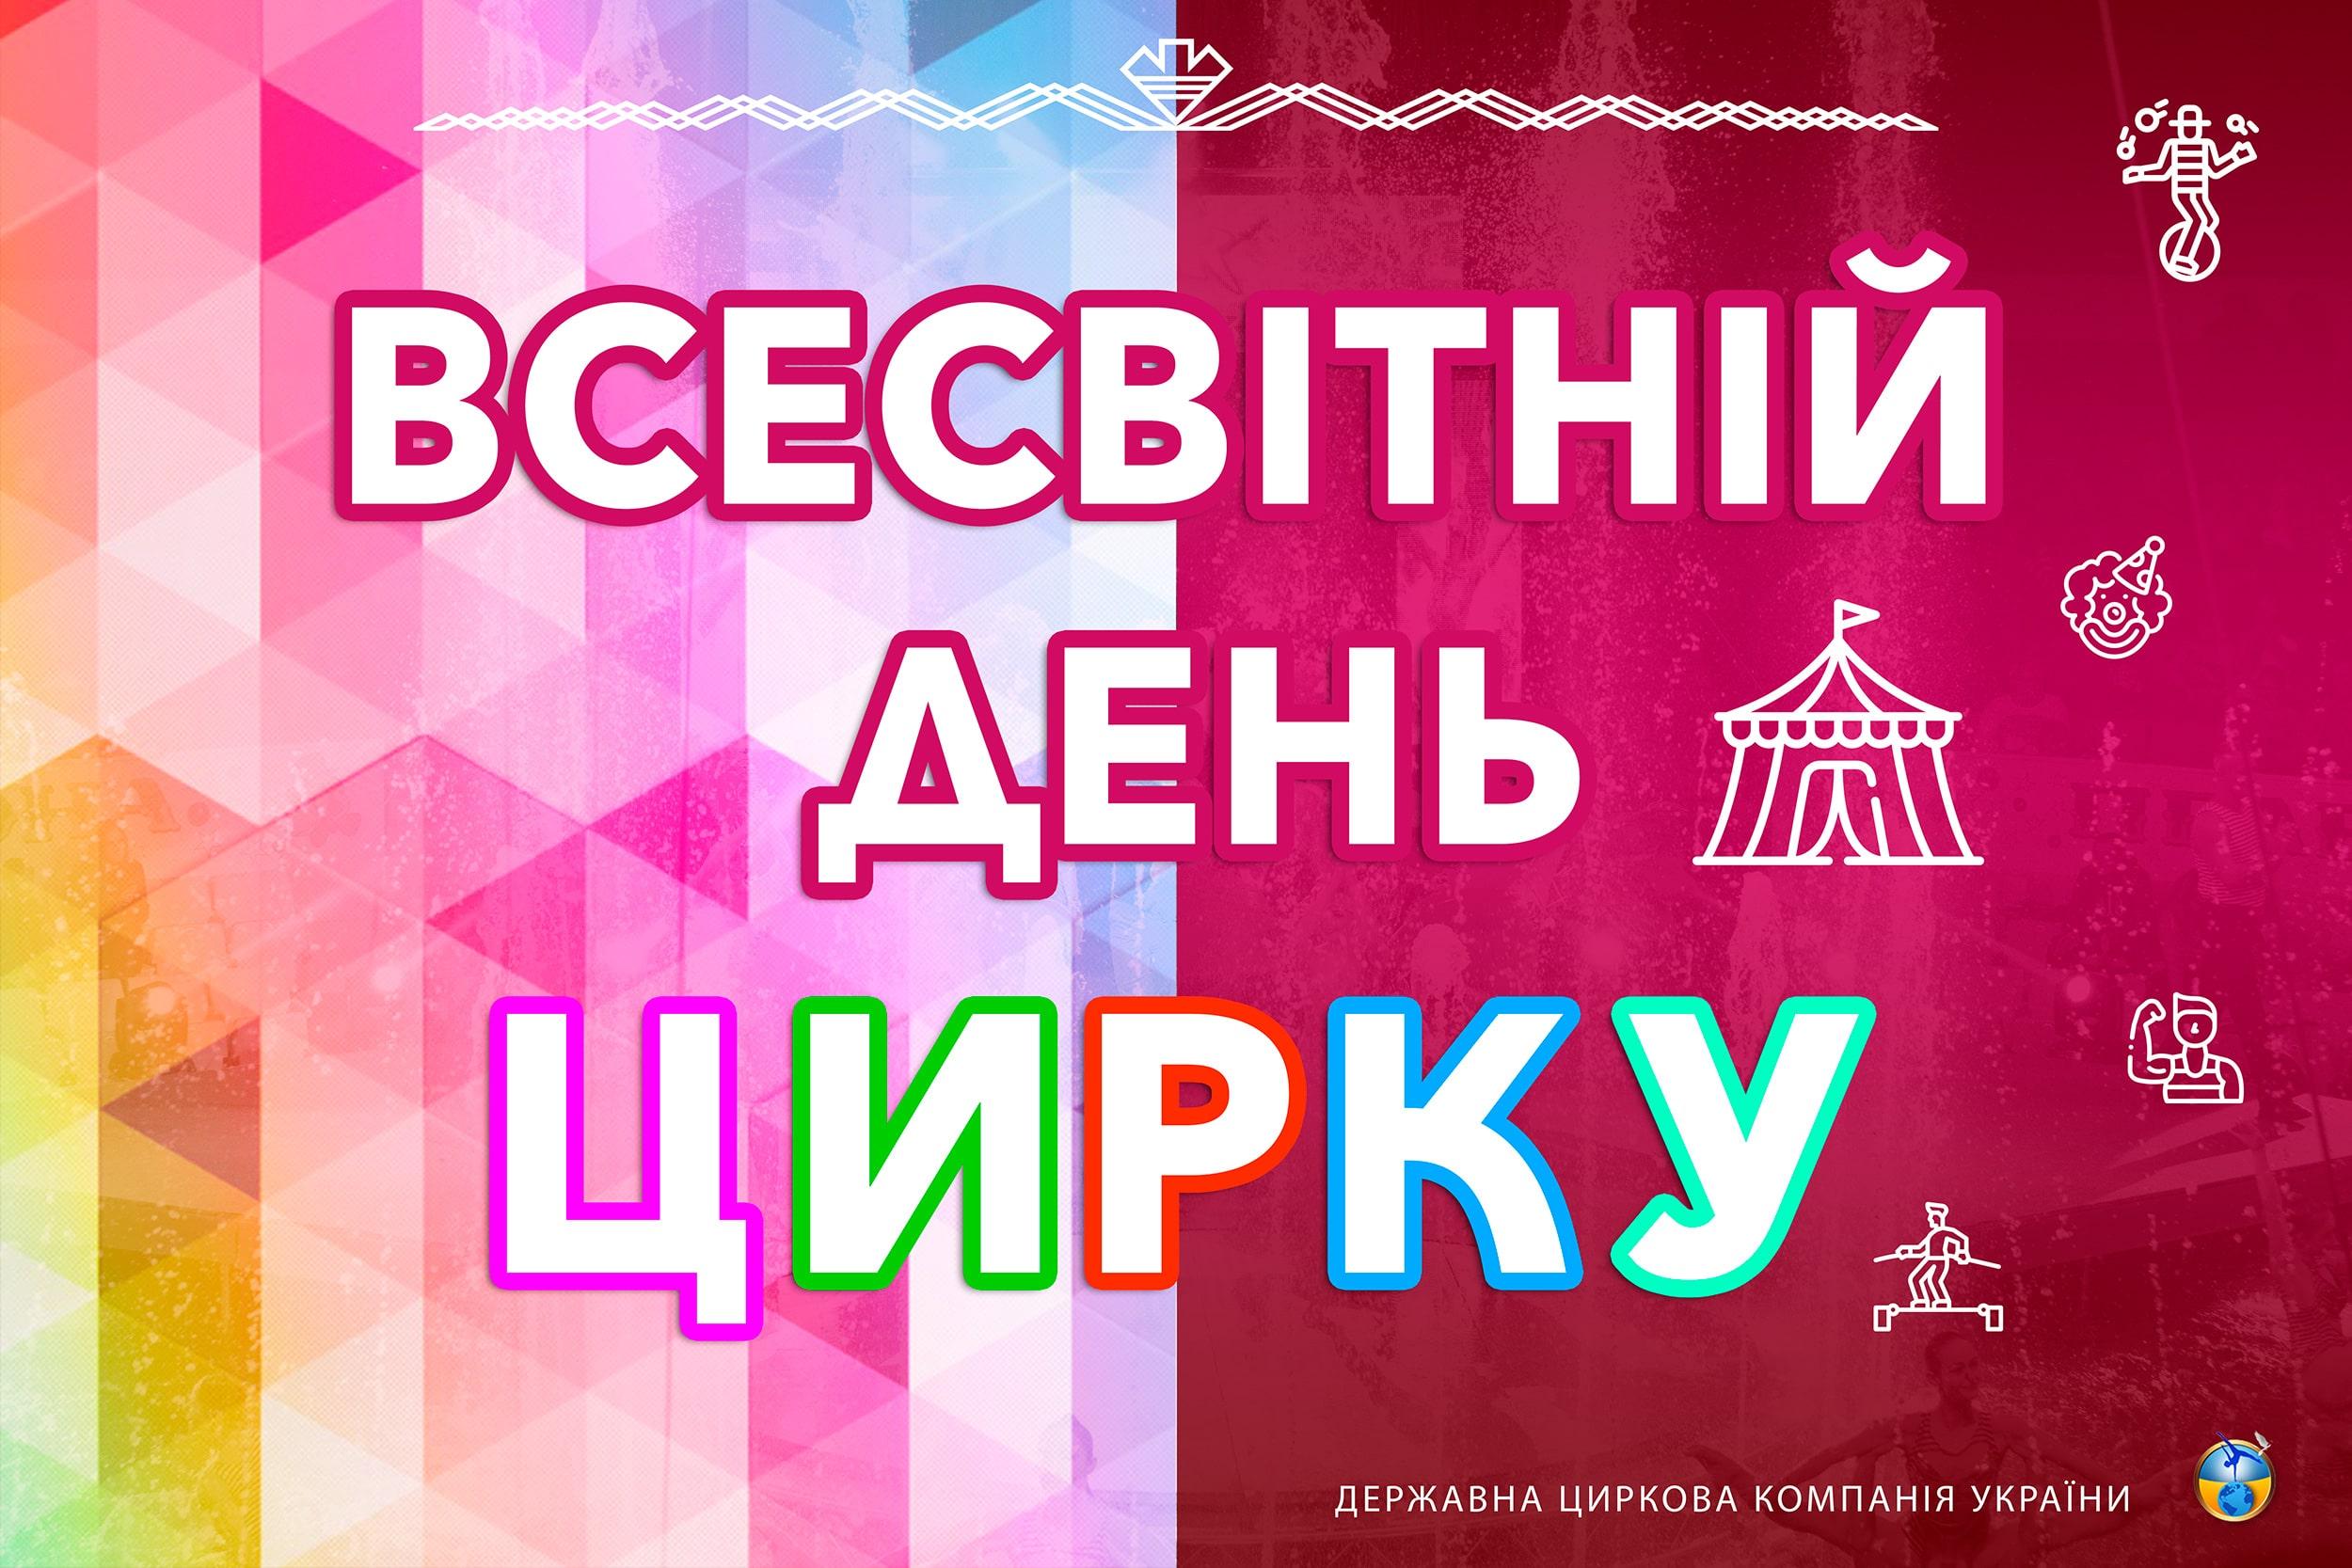 Вітаємо з Всесвітнім днем цирку!